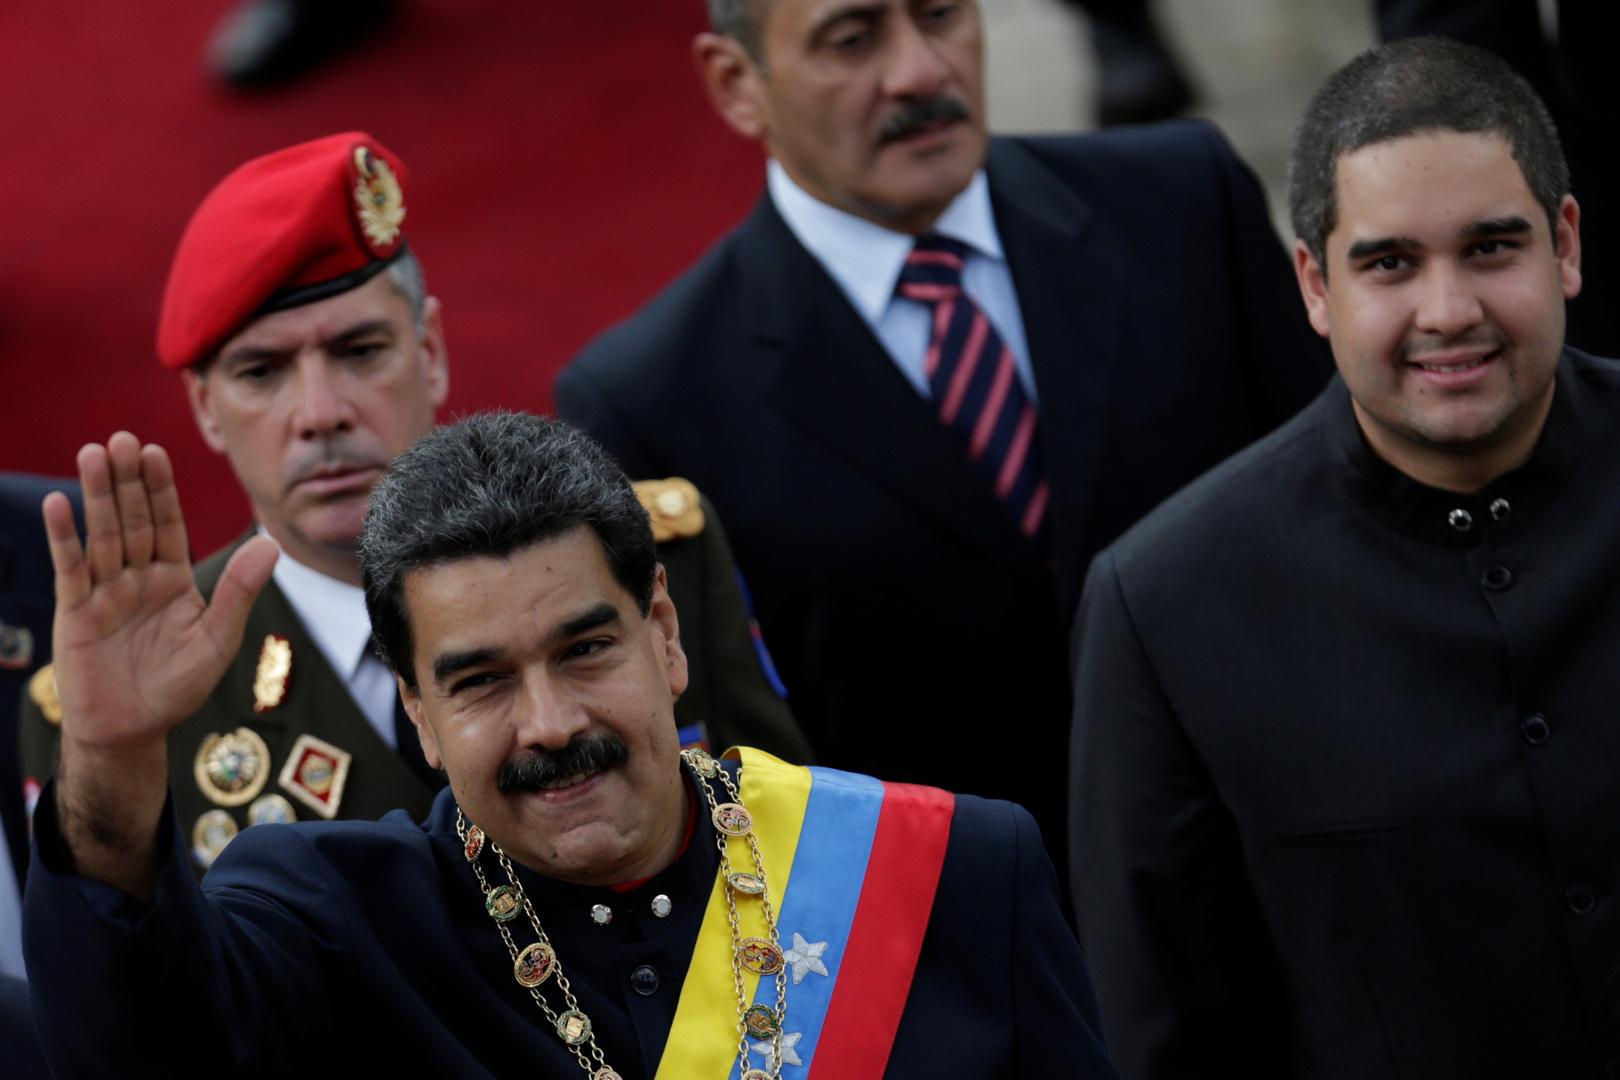 مادورو: ابني وأختي سيشاركان في اختبارات اللقاح الروسي ضد كورونا